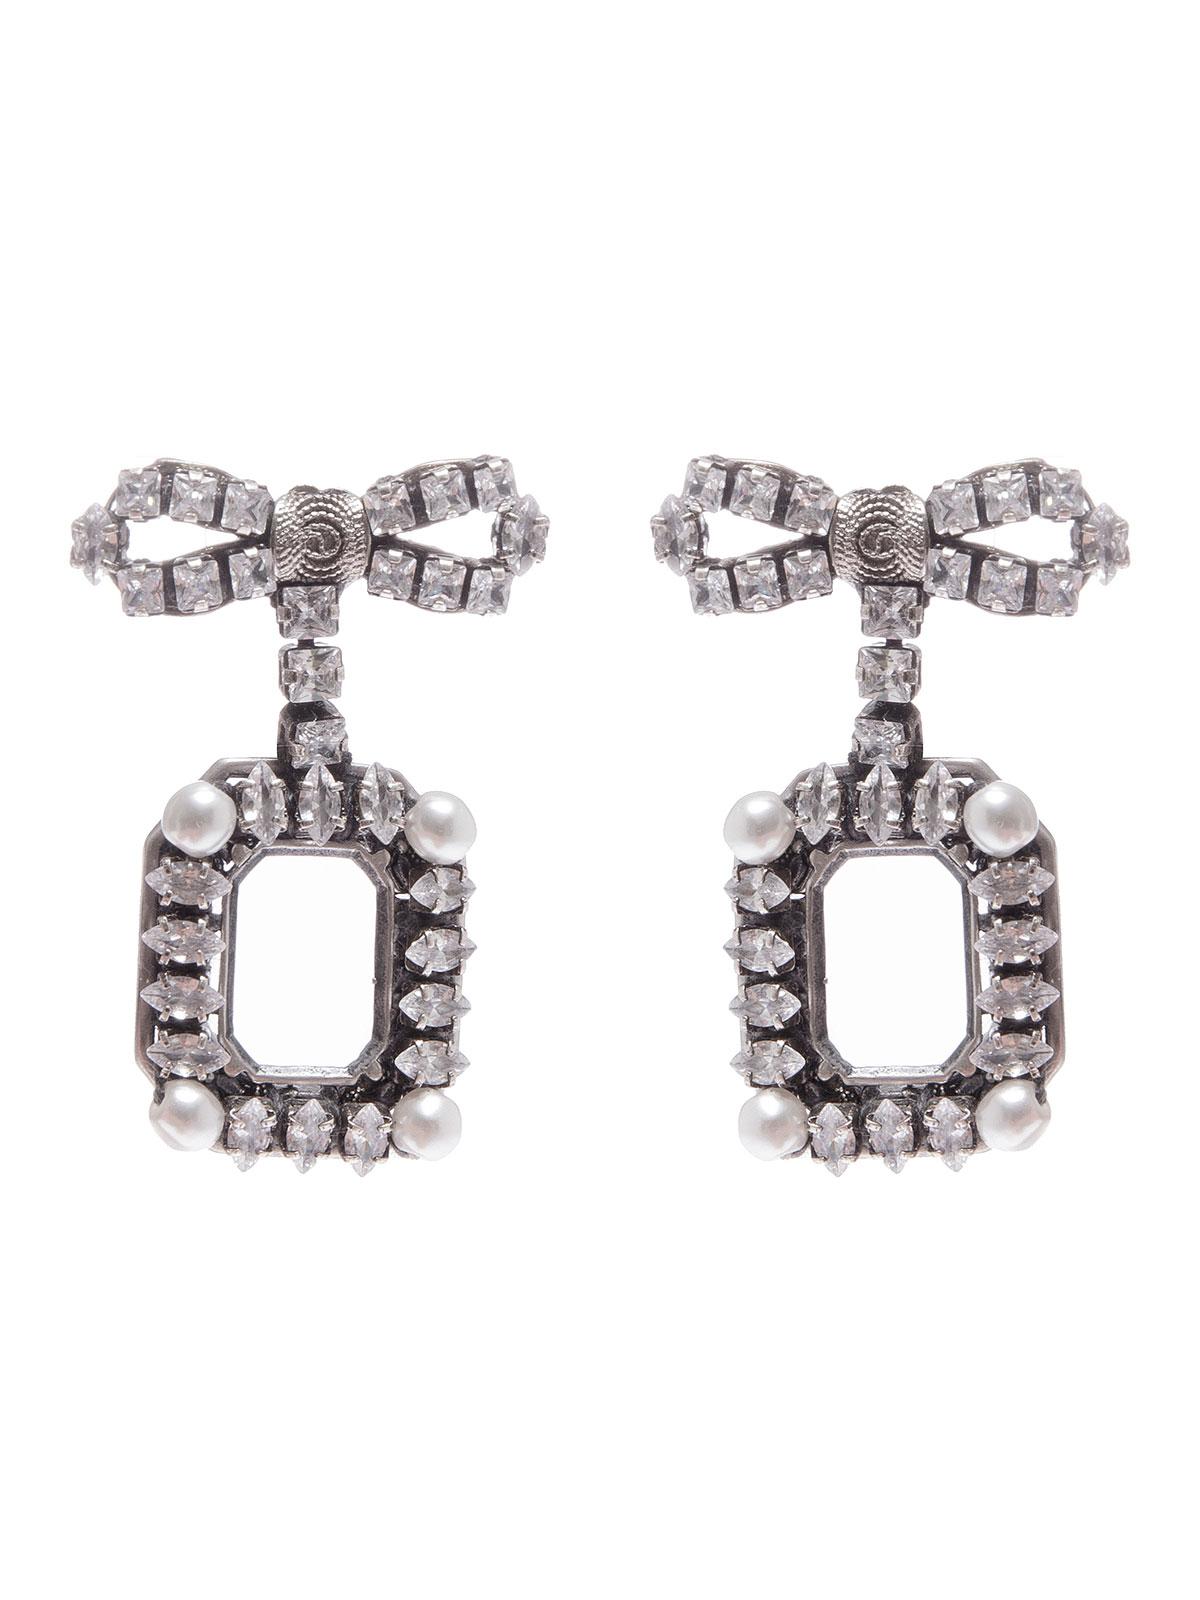 Orecchini con fiocchi e ottagoni ricamati con pietre cristallo e perle